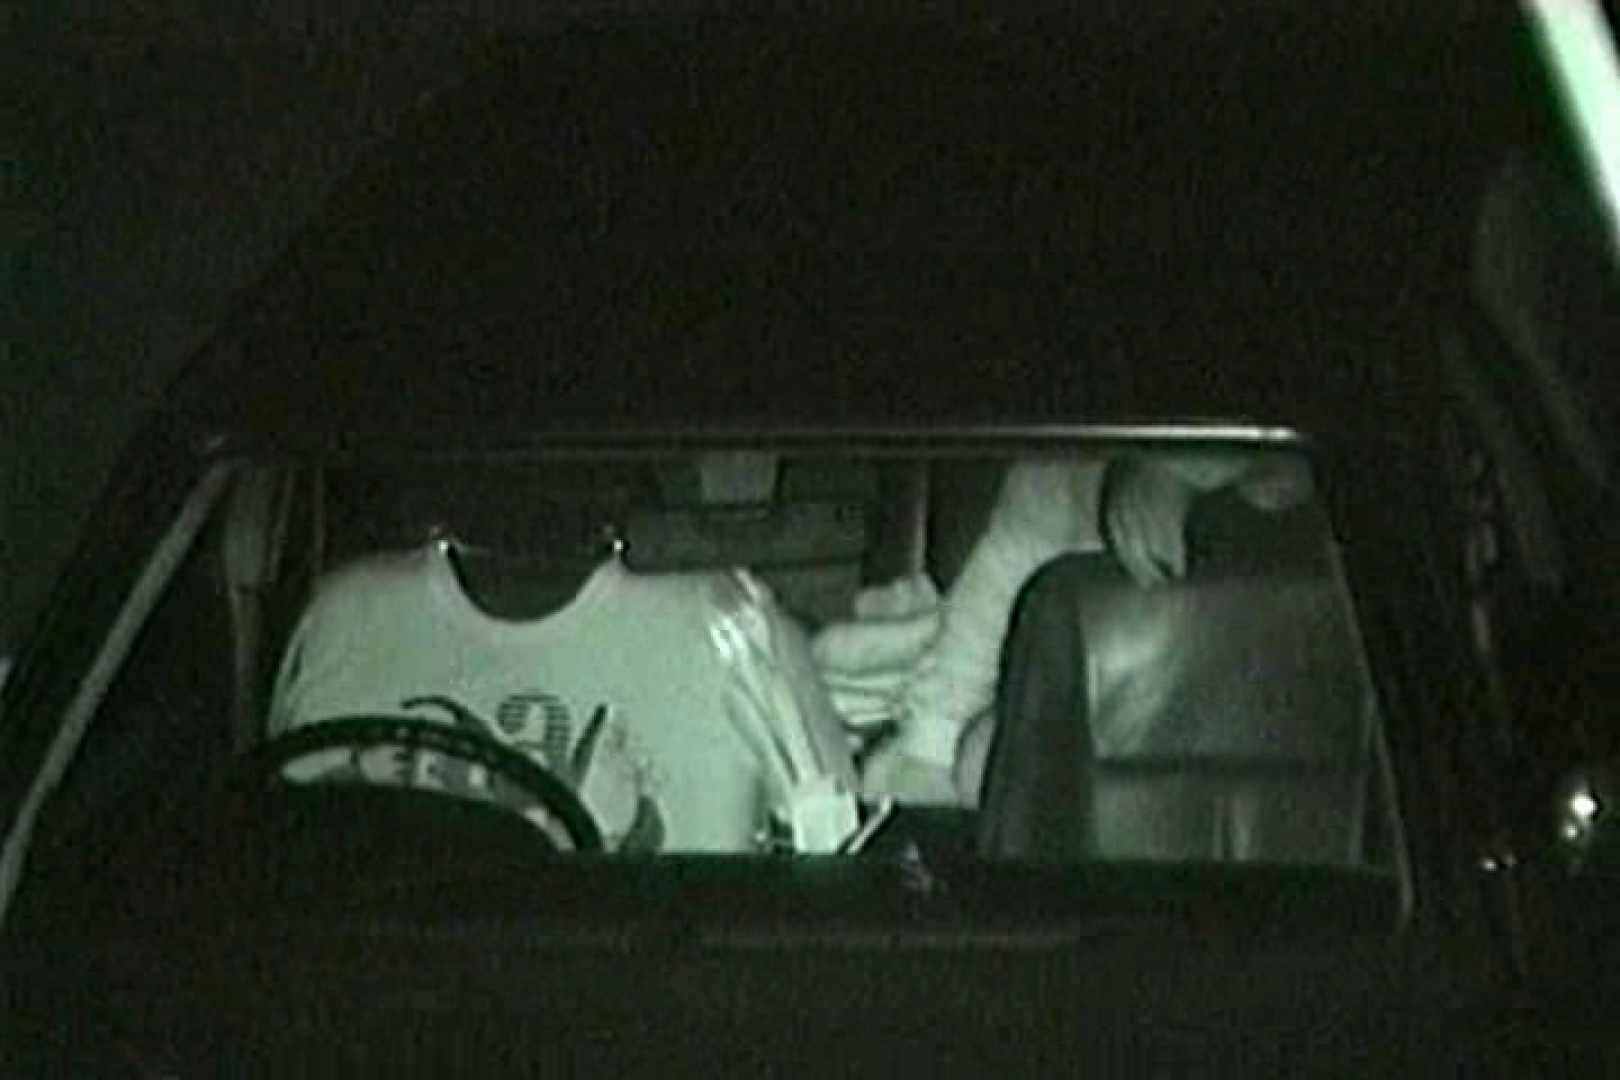 車の中はラブホテル 無修正版  Vol.8 ホテル ヌード画像 102PIX 92